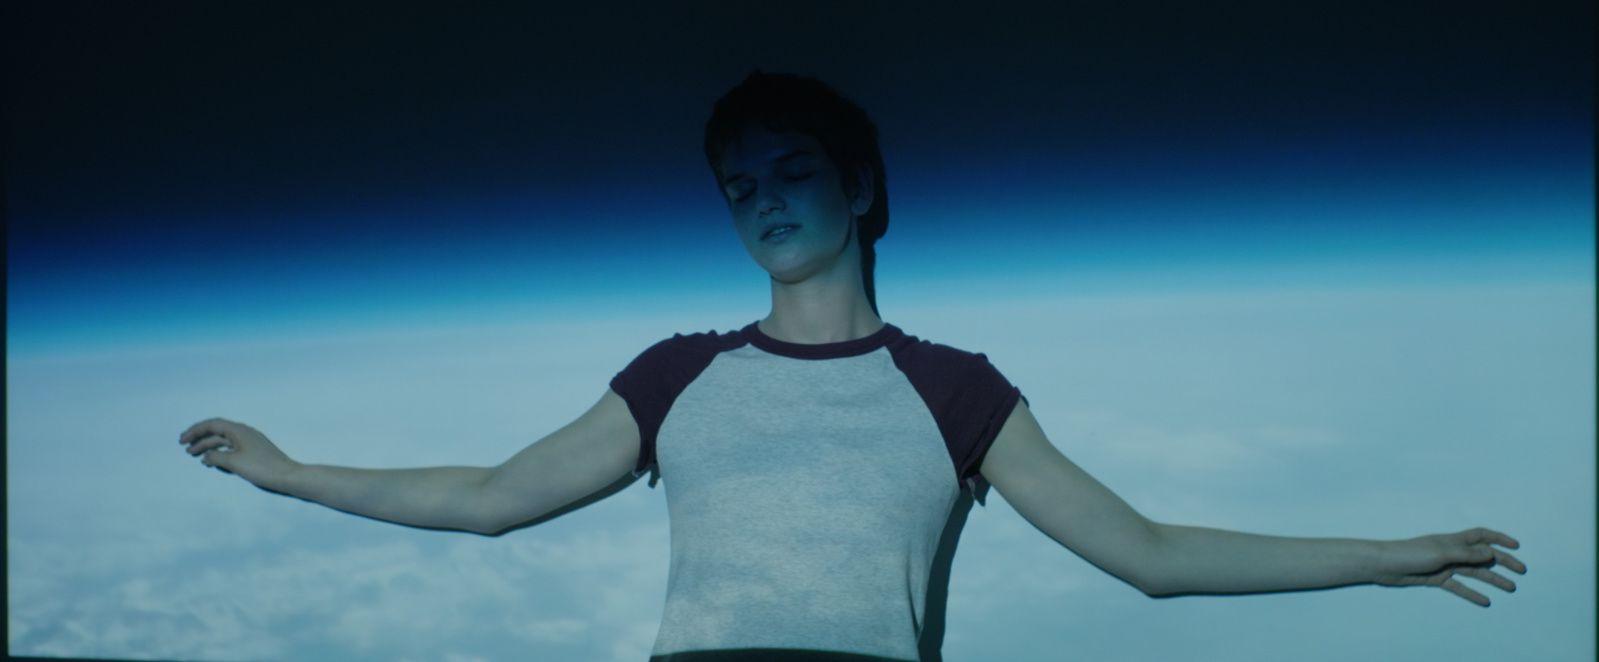 100 kilos d'étoiles (BANDE-ANNONCE + 1 EXTRAIT) de Marie-Sophie Chambon - Le 17 juillet 2019 au cinéma